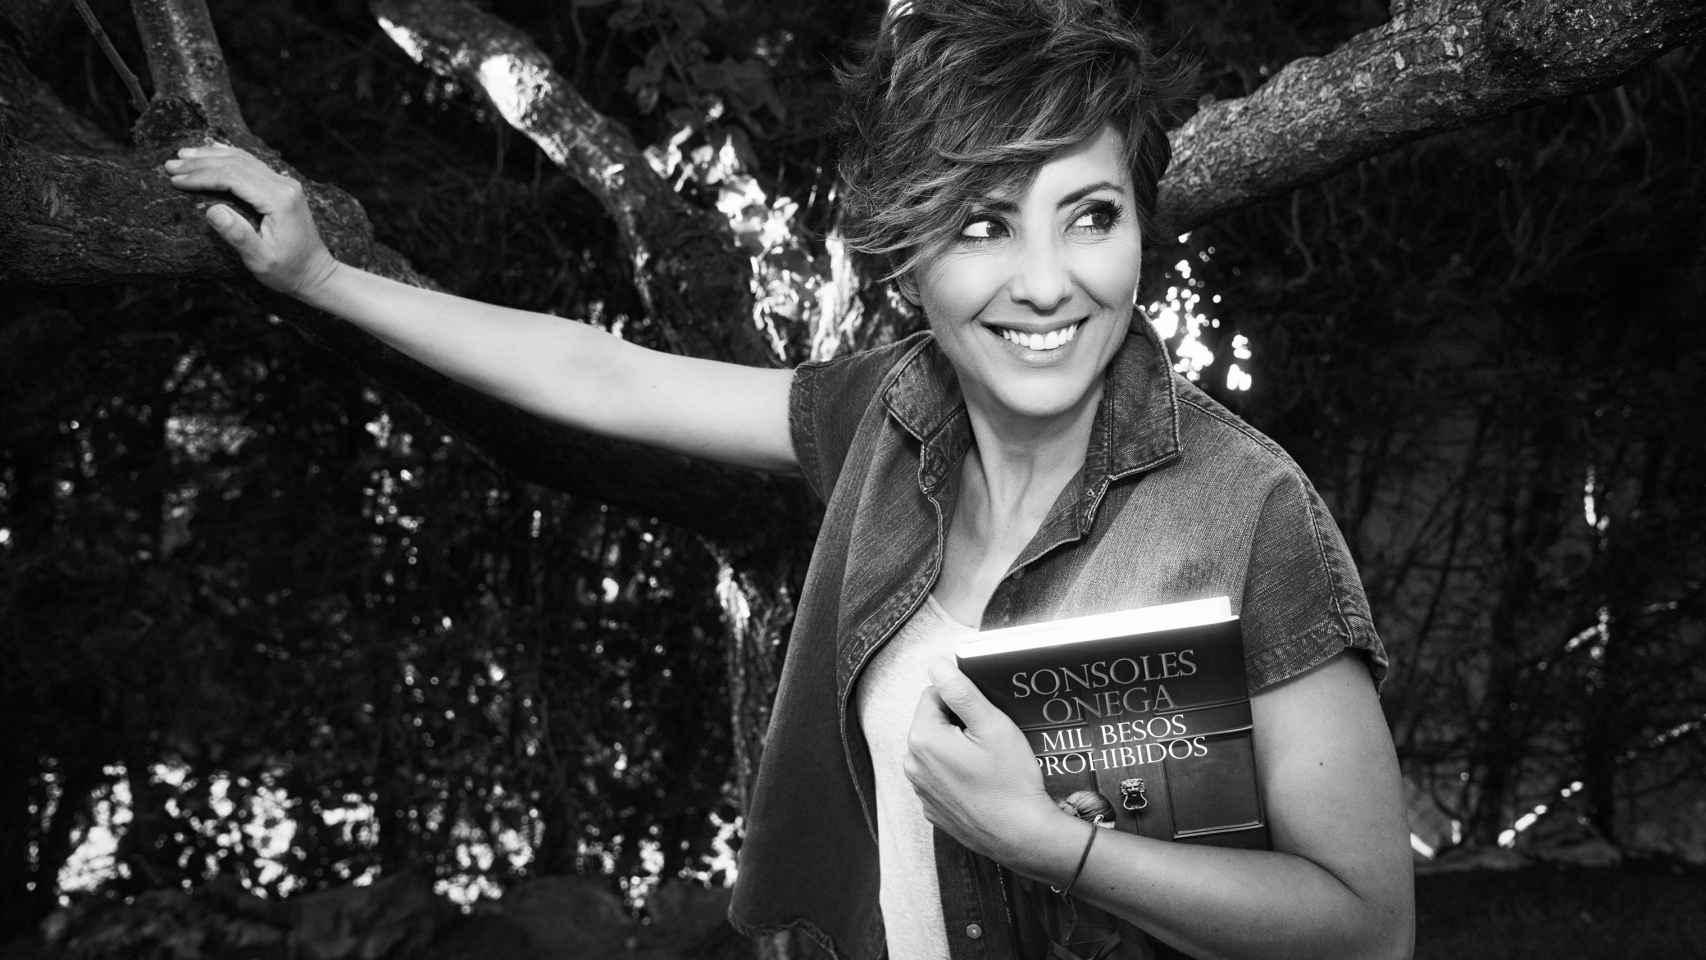 La periodista y escritora Sonsoles Ónega con su último libro, 'Mil besos prohibidos'.